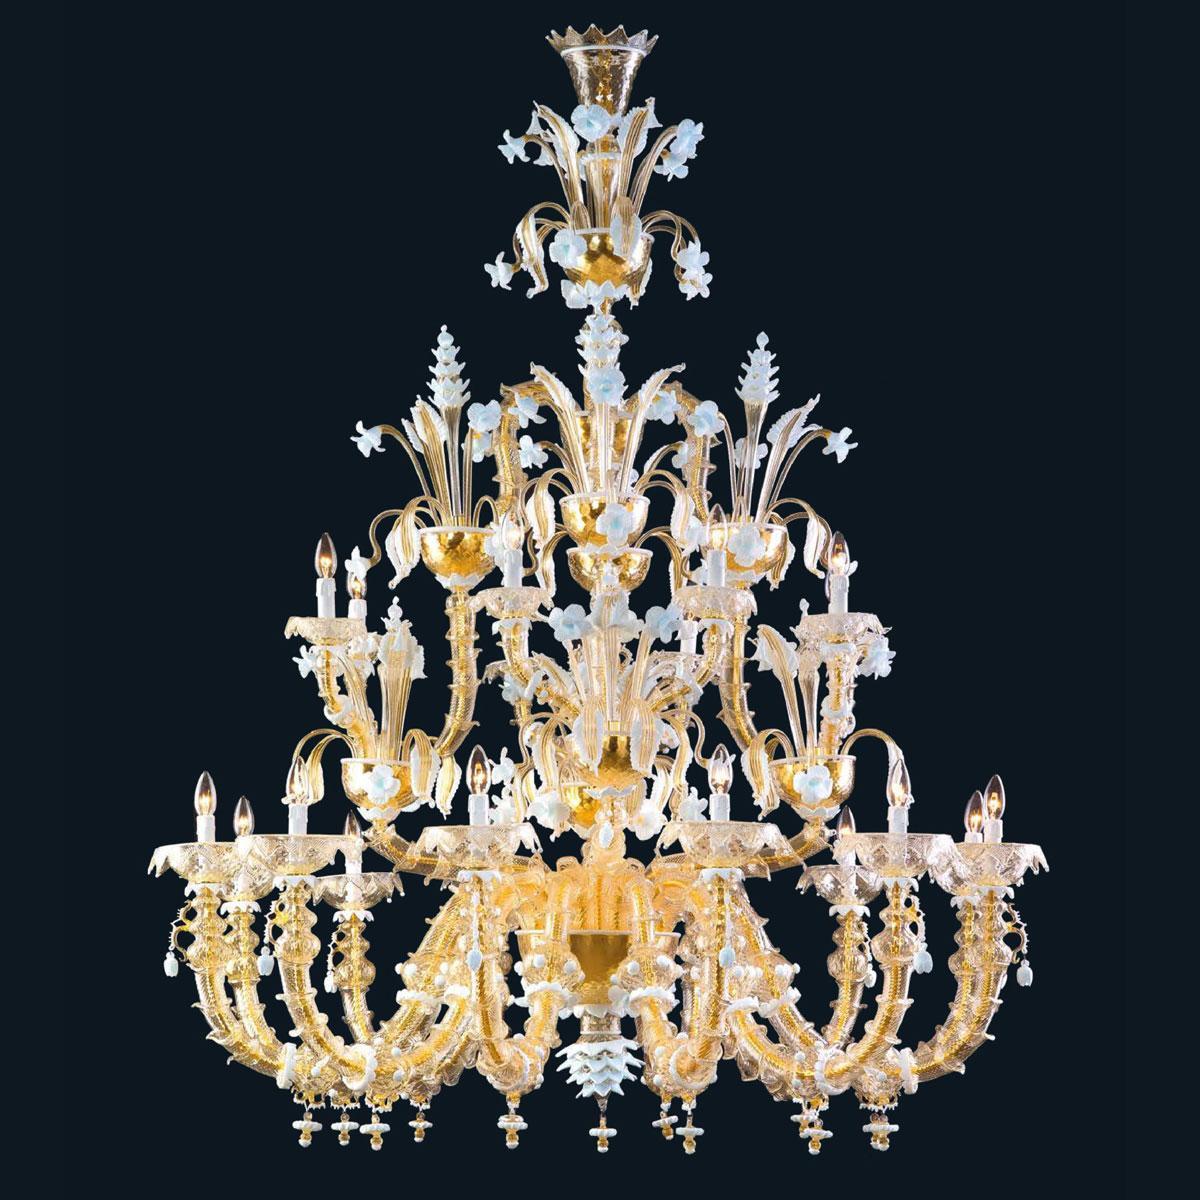 """""""Sierra"""" Murano glass chandelier - 12+8 light - gold and white"""